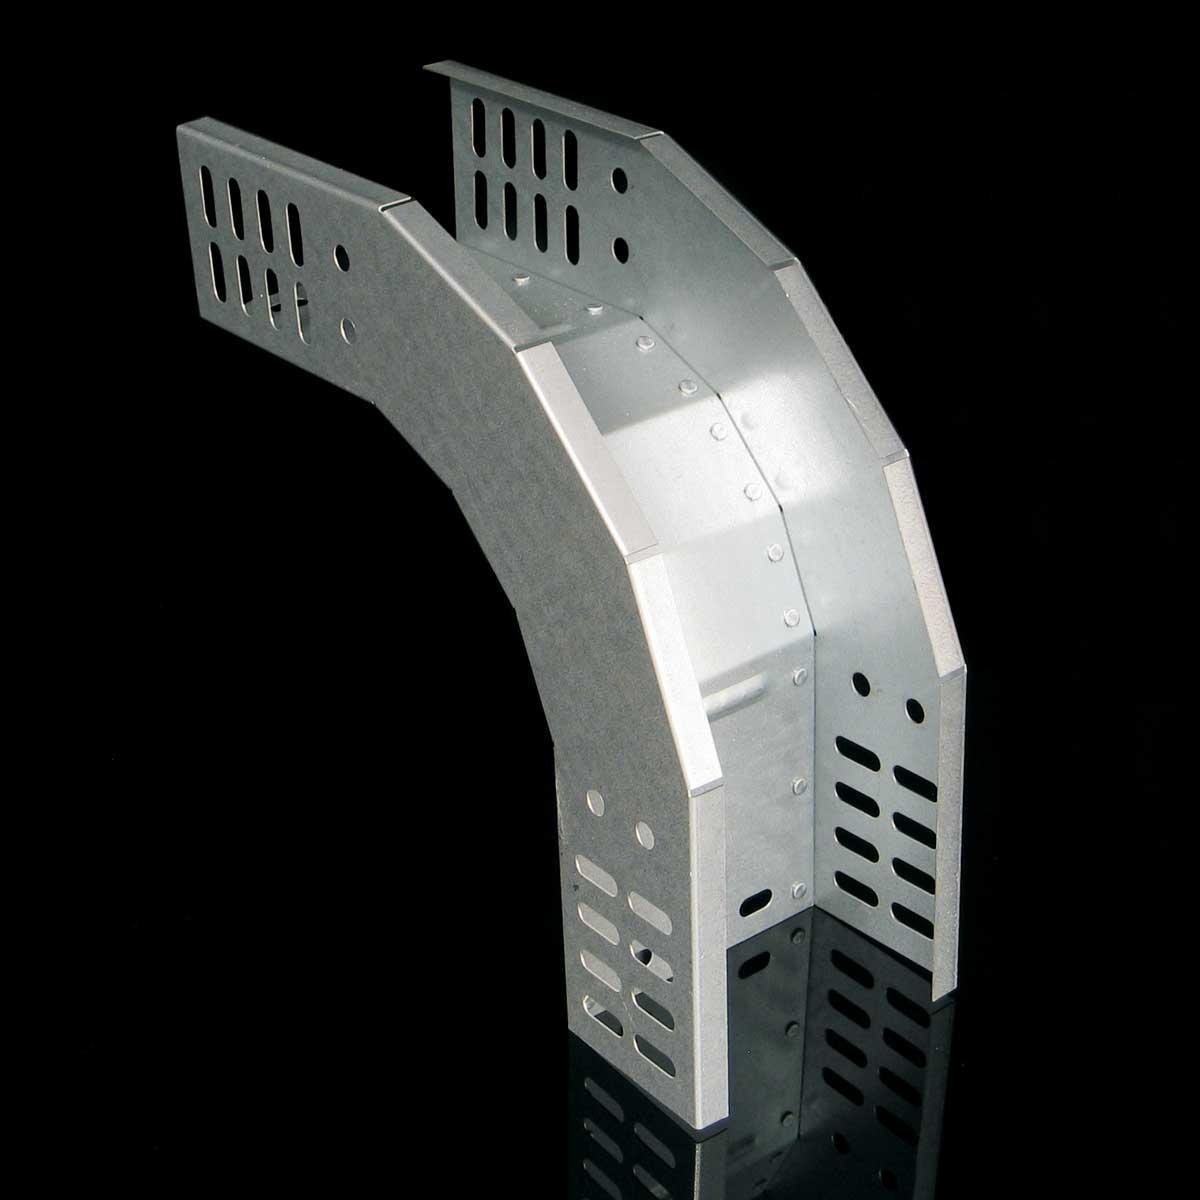 Поворот вертикальний зовнішній 90 для лотка JUPITER; розміри-110x500x295mm Товщ. метал-1 Вага-1,91кг/м